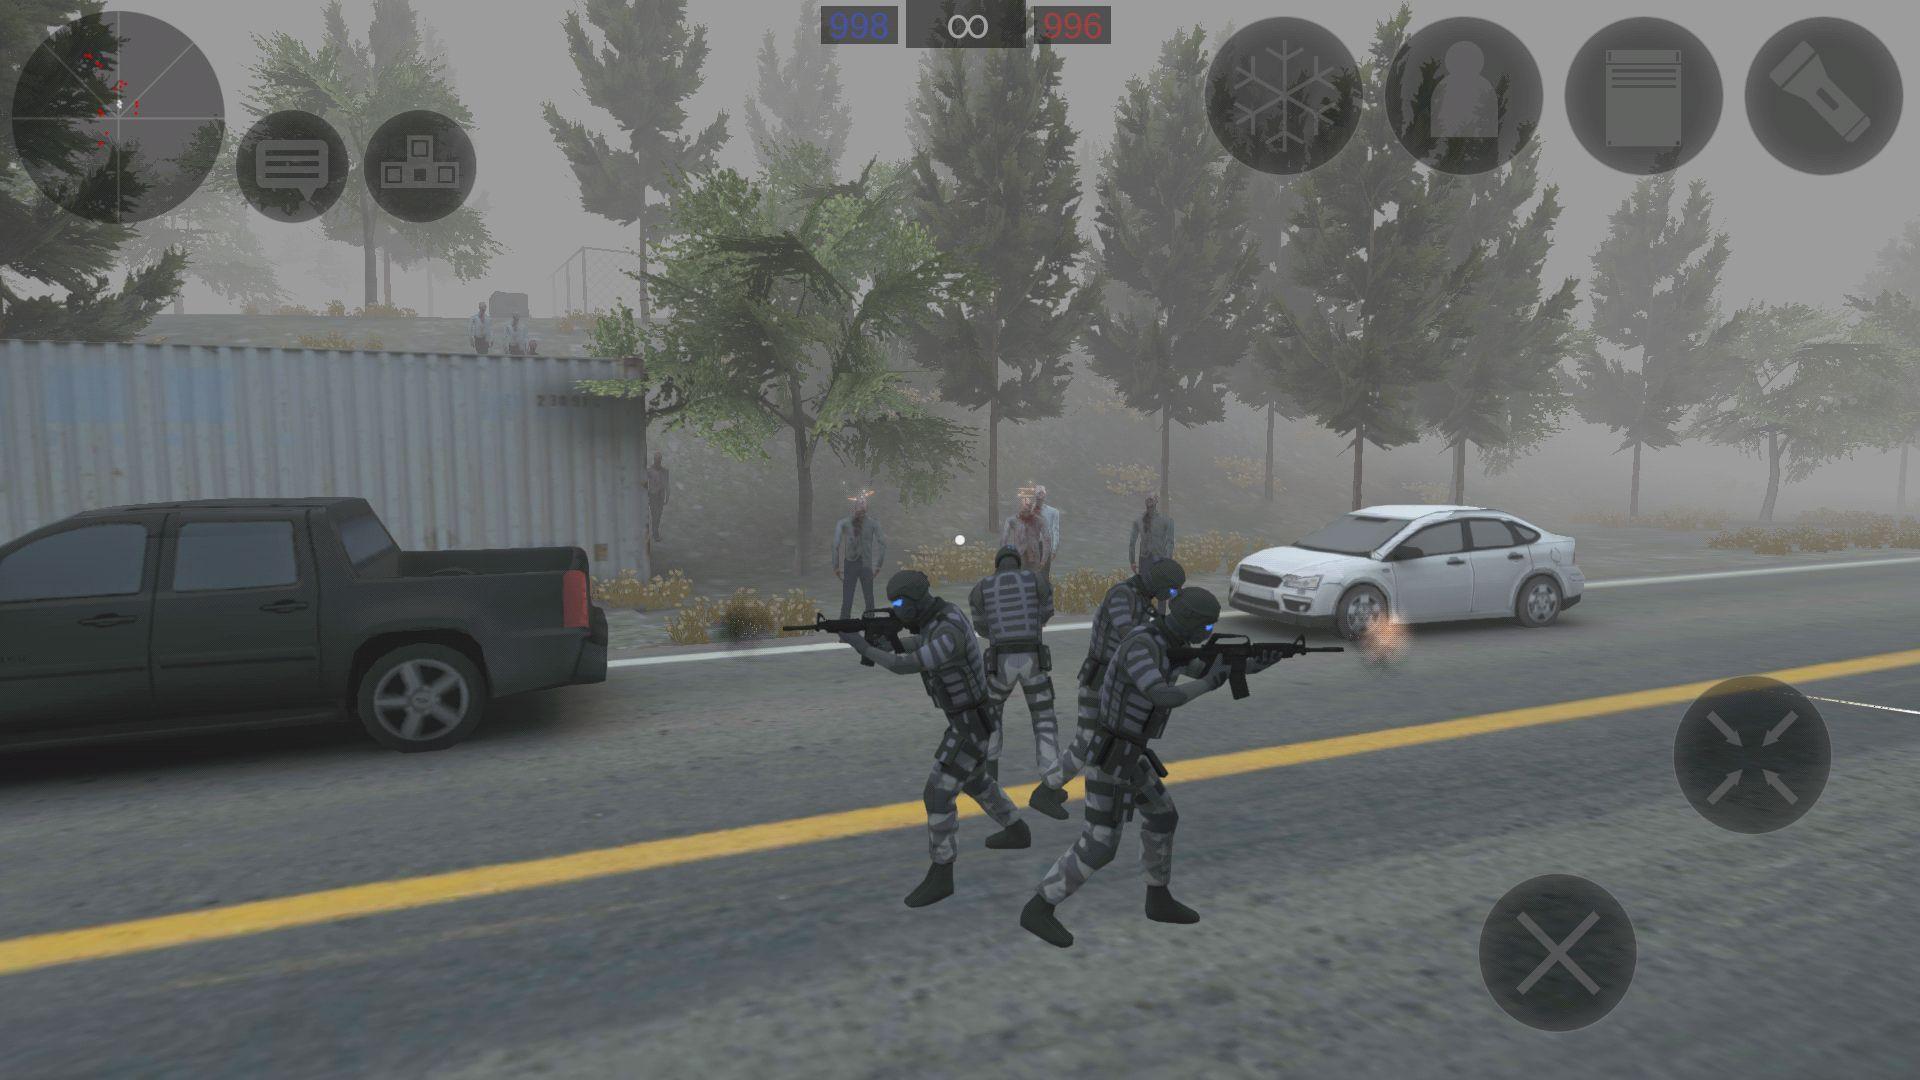 僵尸作战模拟 游戏截图3